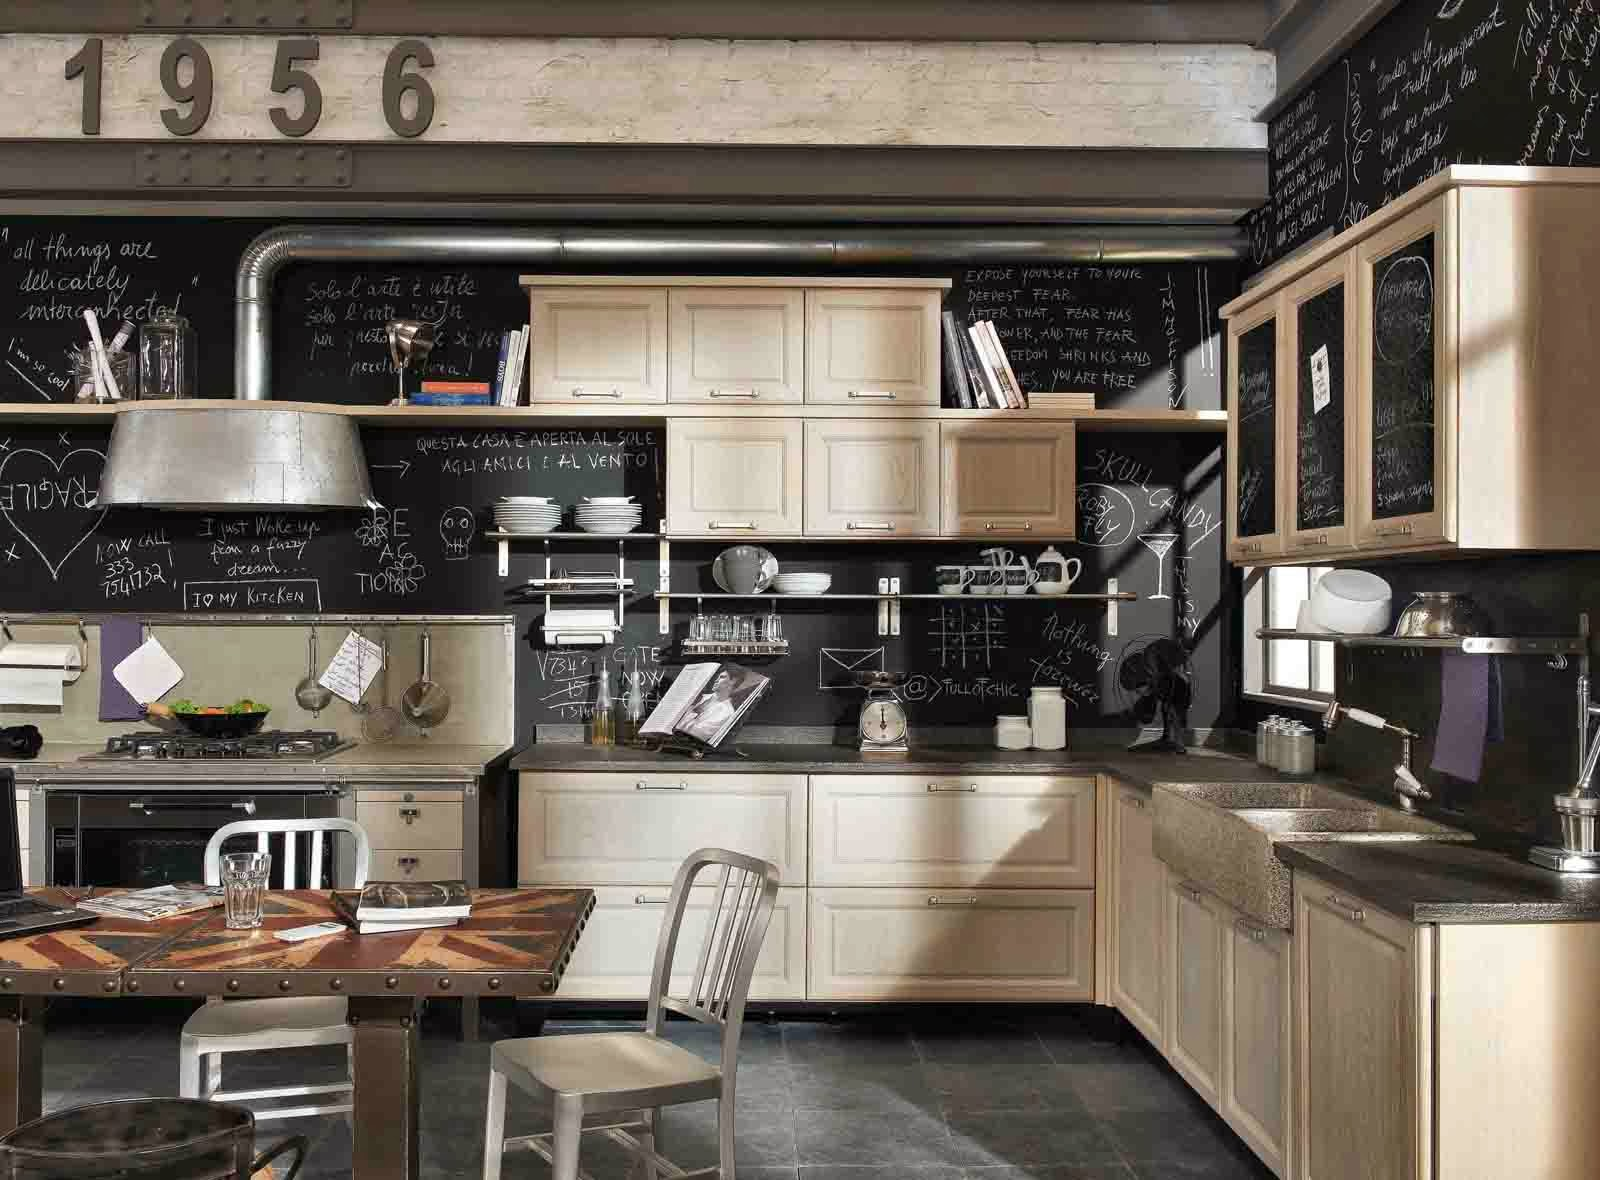 Dipingere I Mobili Della Cucina LX84 » Regardsdefemmes